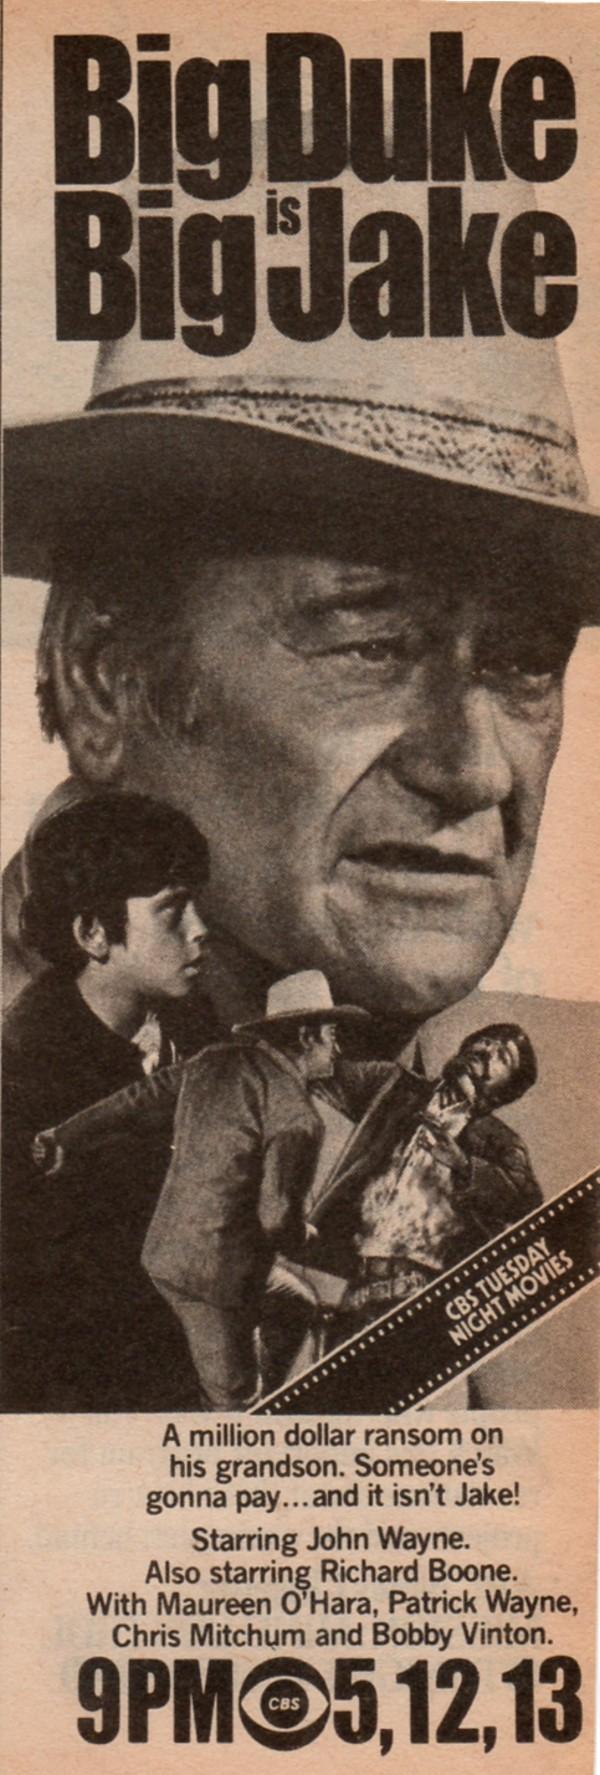 Big Jake - 1971 Wayne470